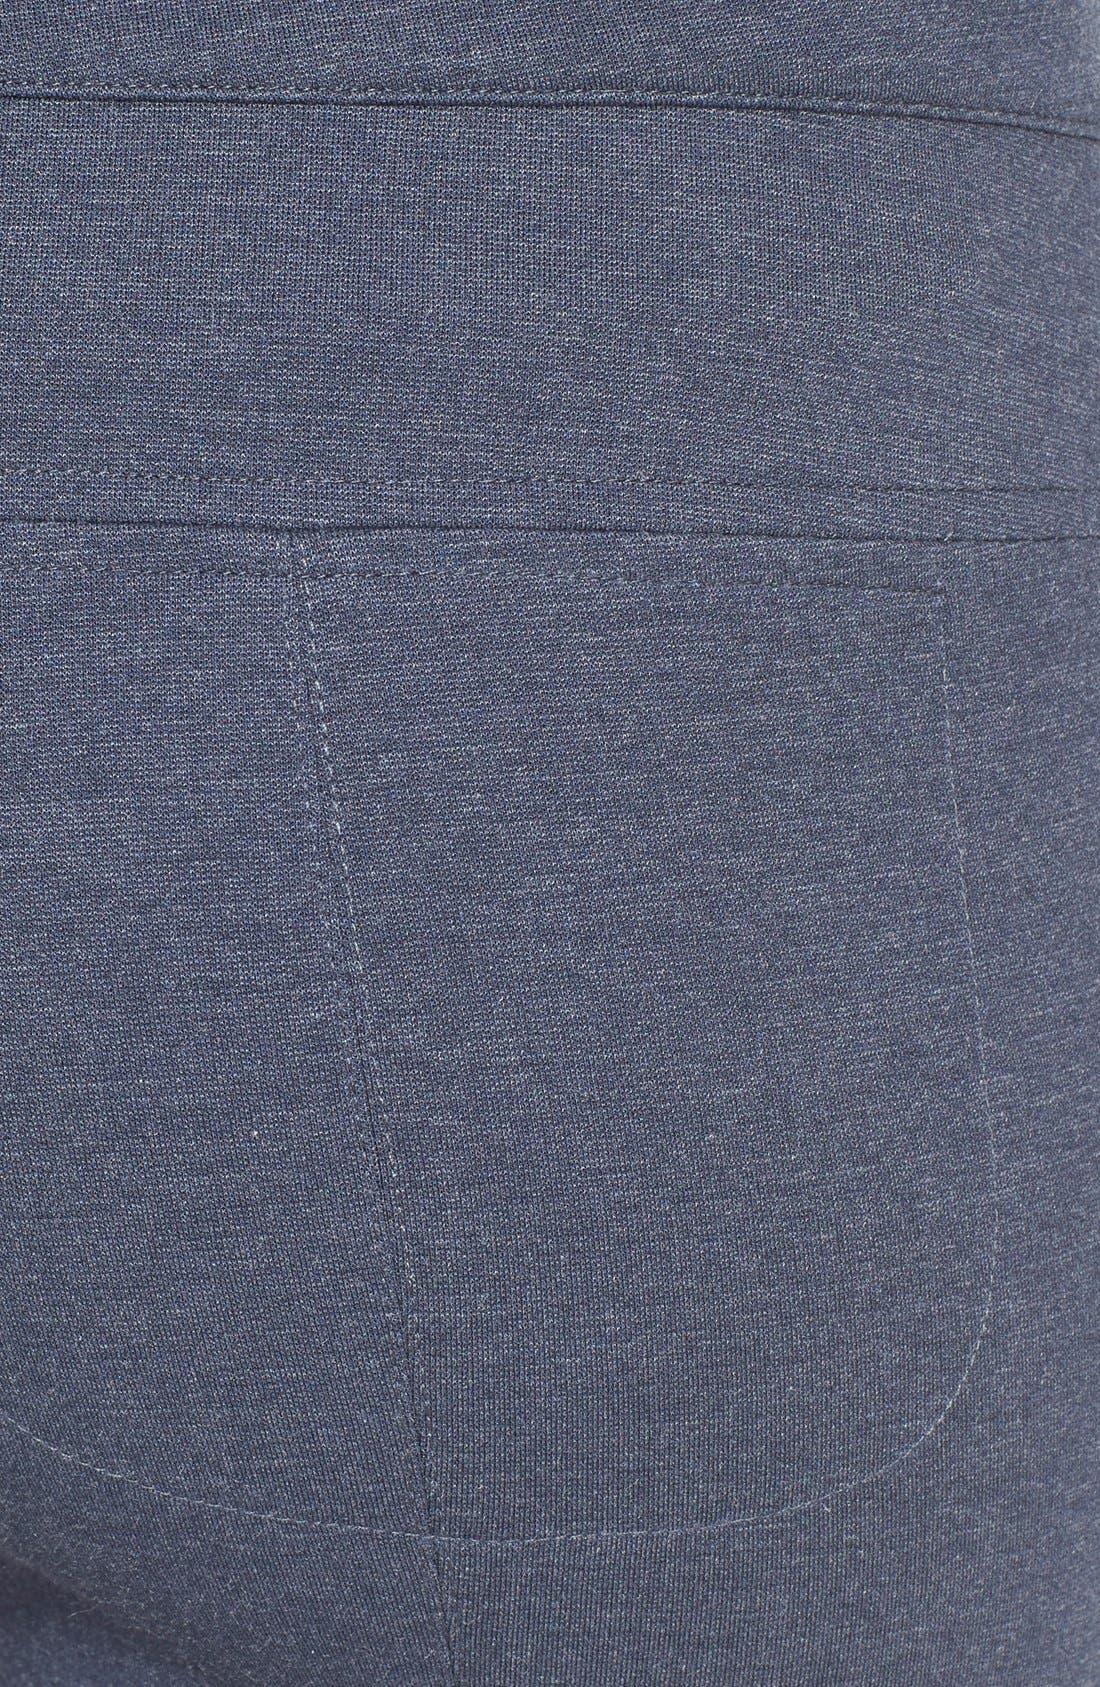 Ski Pants,                             Alternate thumbnail 2, color,                             403